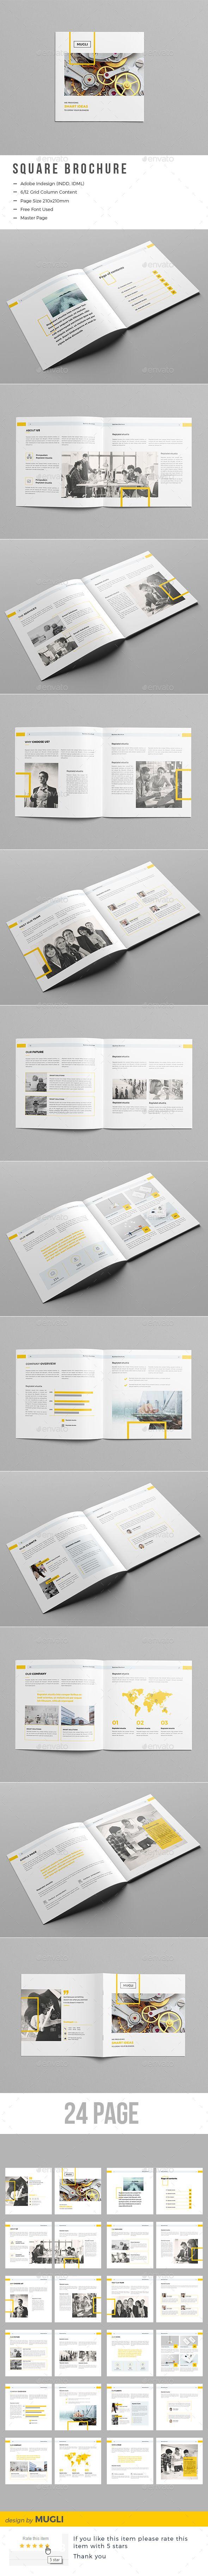 The Square Brochure | Plantillas de certificado, Editorial y Diseño ...